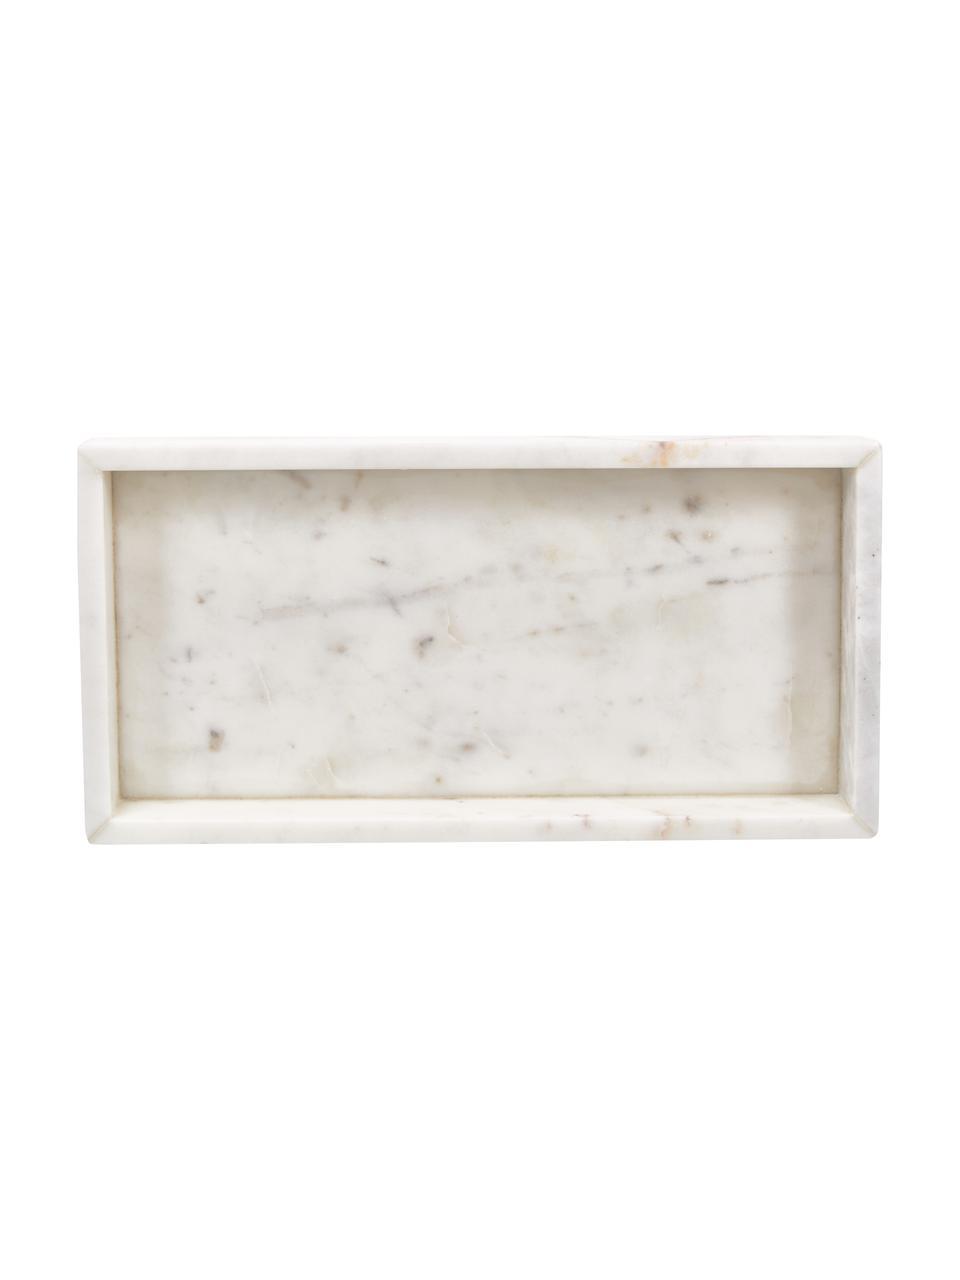 Dekorativní mramorový tác Seyna, Bílá